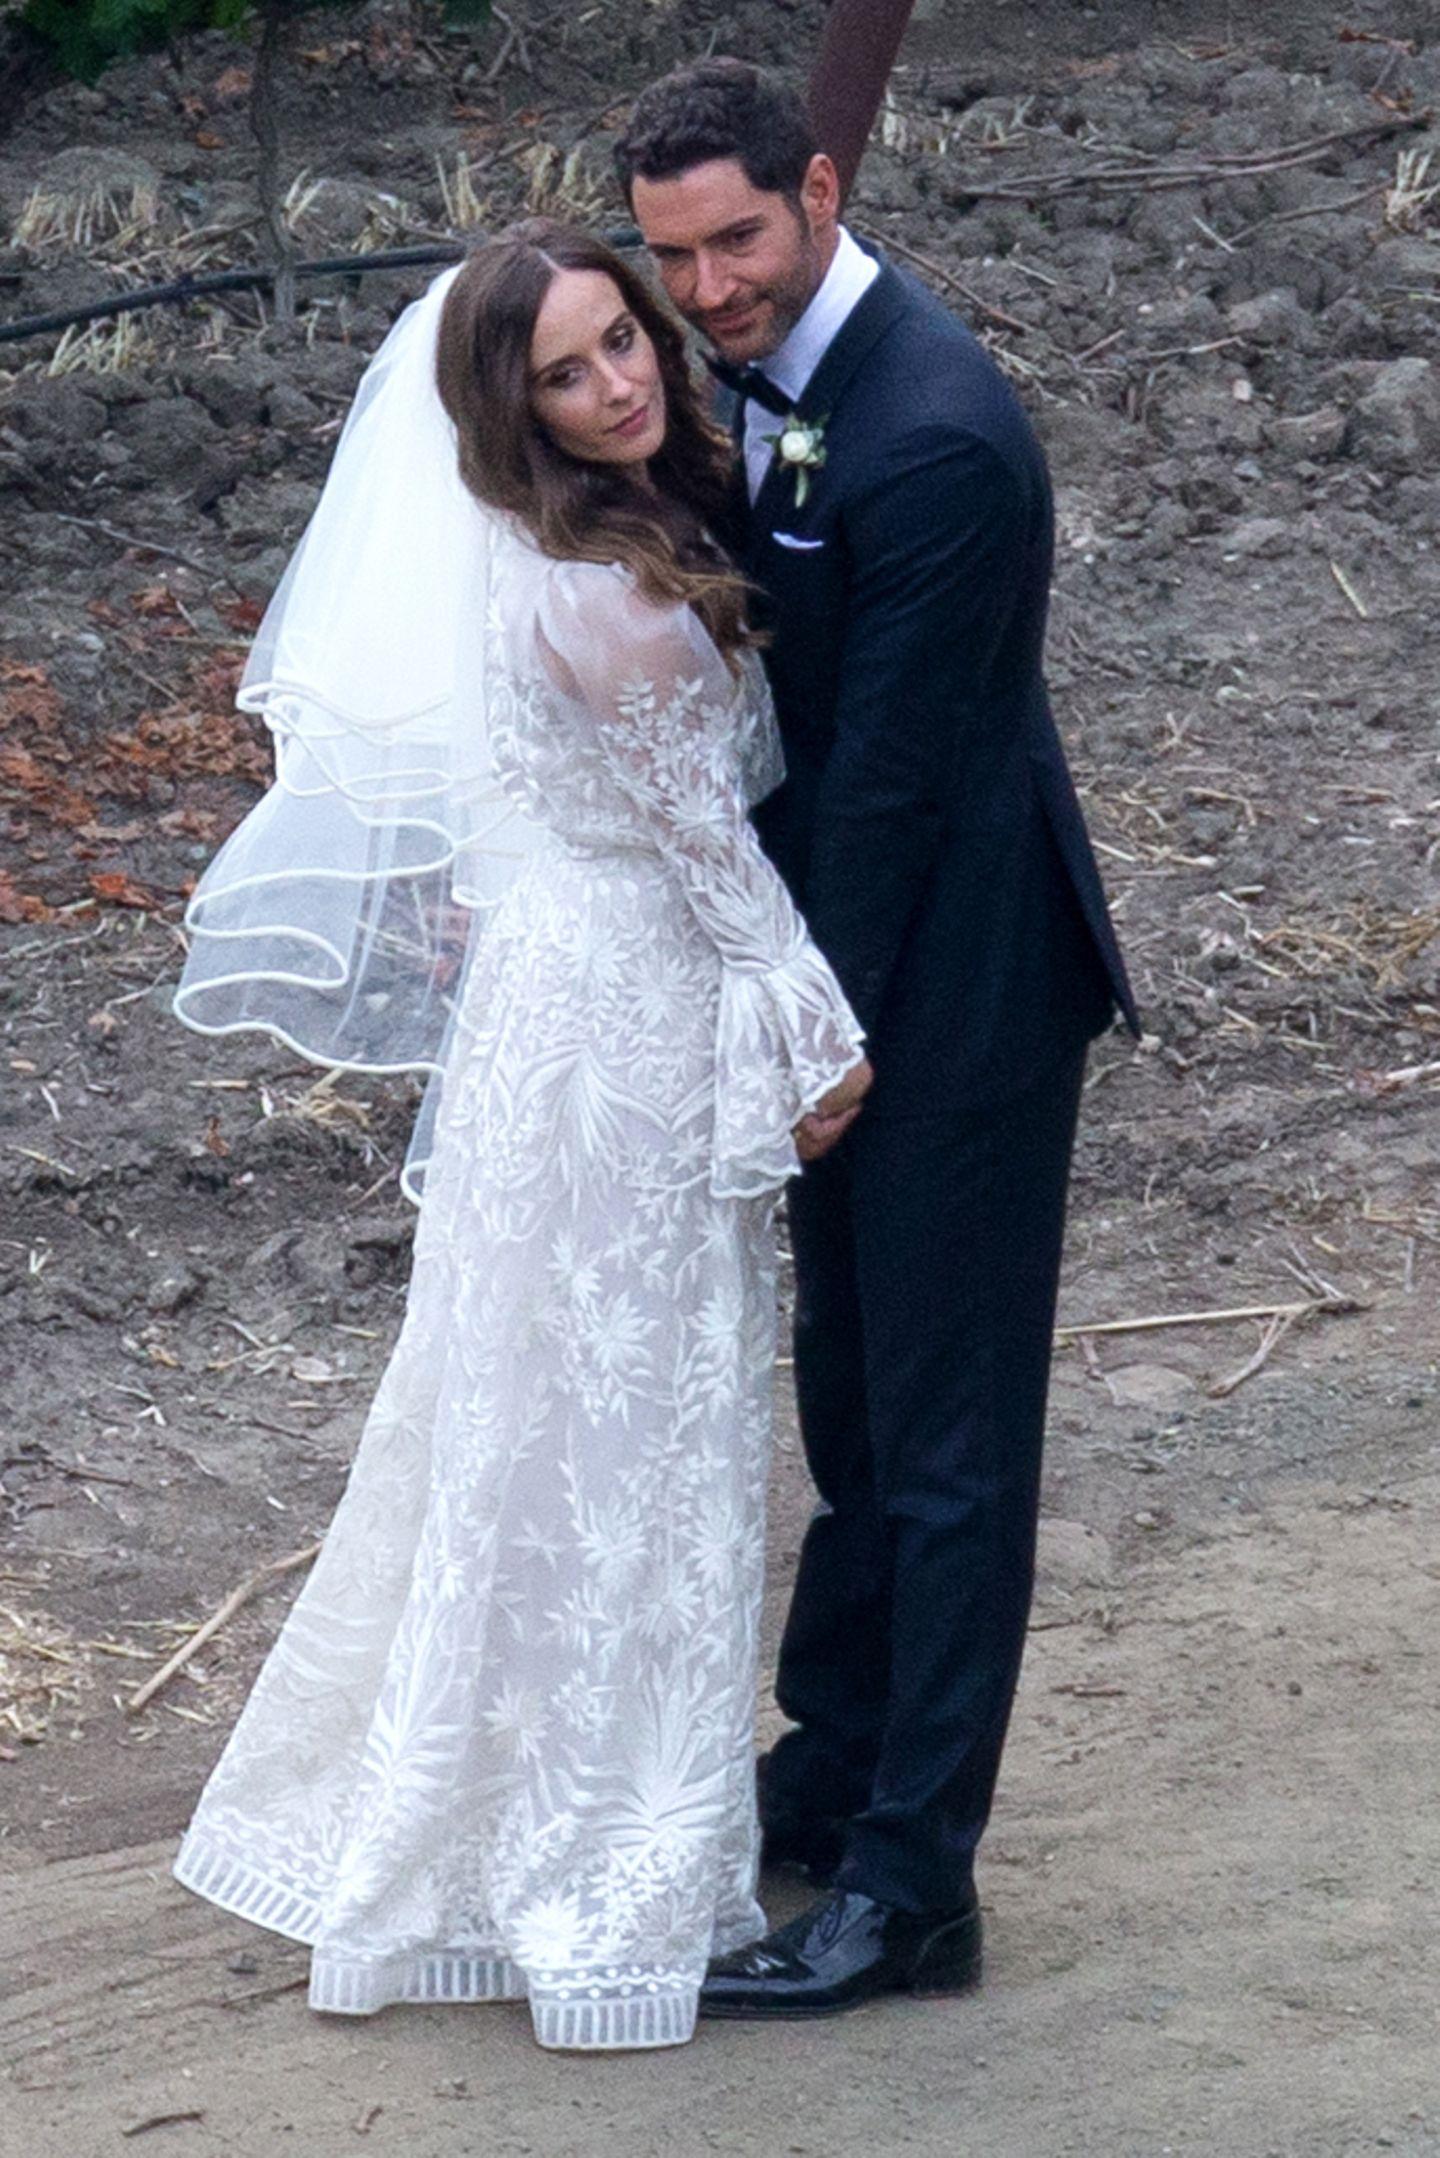 """2. Juni 2019  """"Lucifer""""-Star Tom Ellis und Meaghan Oppenheimer haben sich inSanta Ynez, Kalifornien, das Jawort gegeben. Das Paar ist seit 2015 zusammen, die Verlobung folgte im Oktober letzen Jahres. Die Braut hat sich für ein besticktes Spitzenkleid von Naeem Khan entschieden und Tom Ellis trägt einen klassischen schwarzen Smoking."""